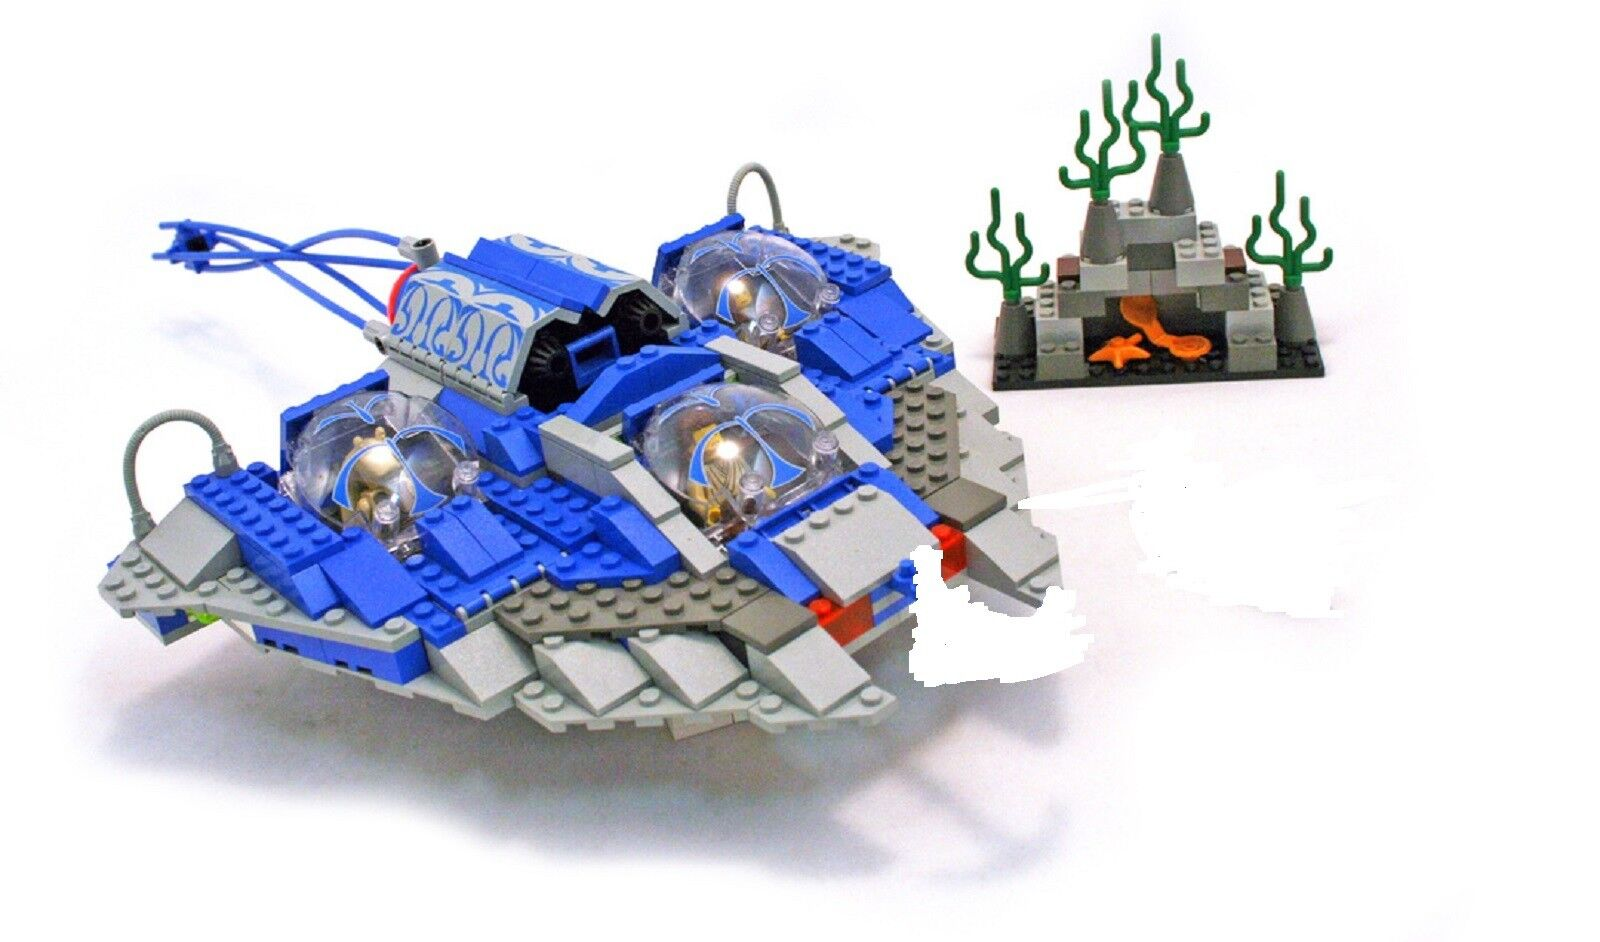 Lego 7161 Star Wars Gungan Sub vaisseau complet manque 2 pièces de 1999 -NG4